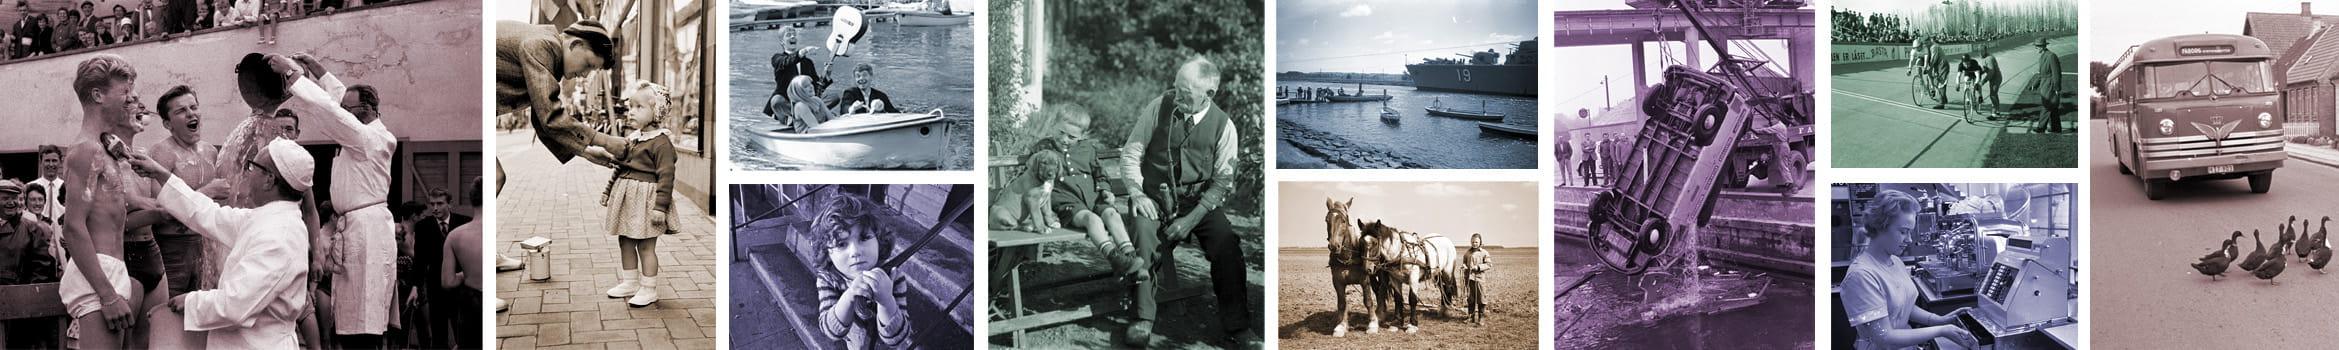 Historiske billeder fra samlingen